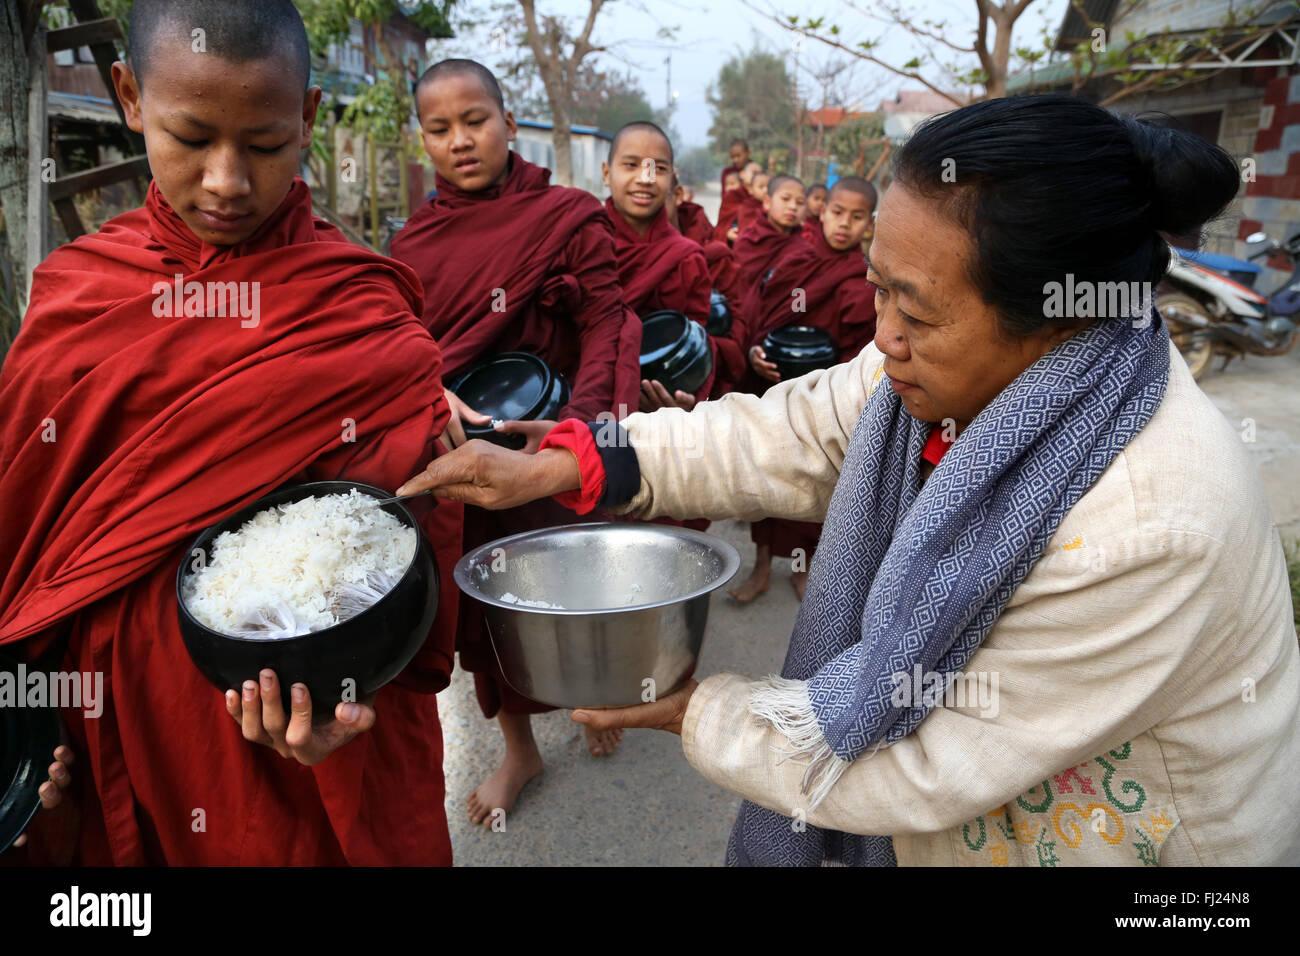 Les moines bouddhistes recevoir le riz de population, rituel quotidien, Nyaung-U, Myanmar Photo Stock